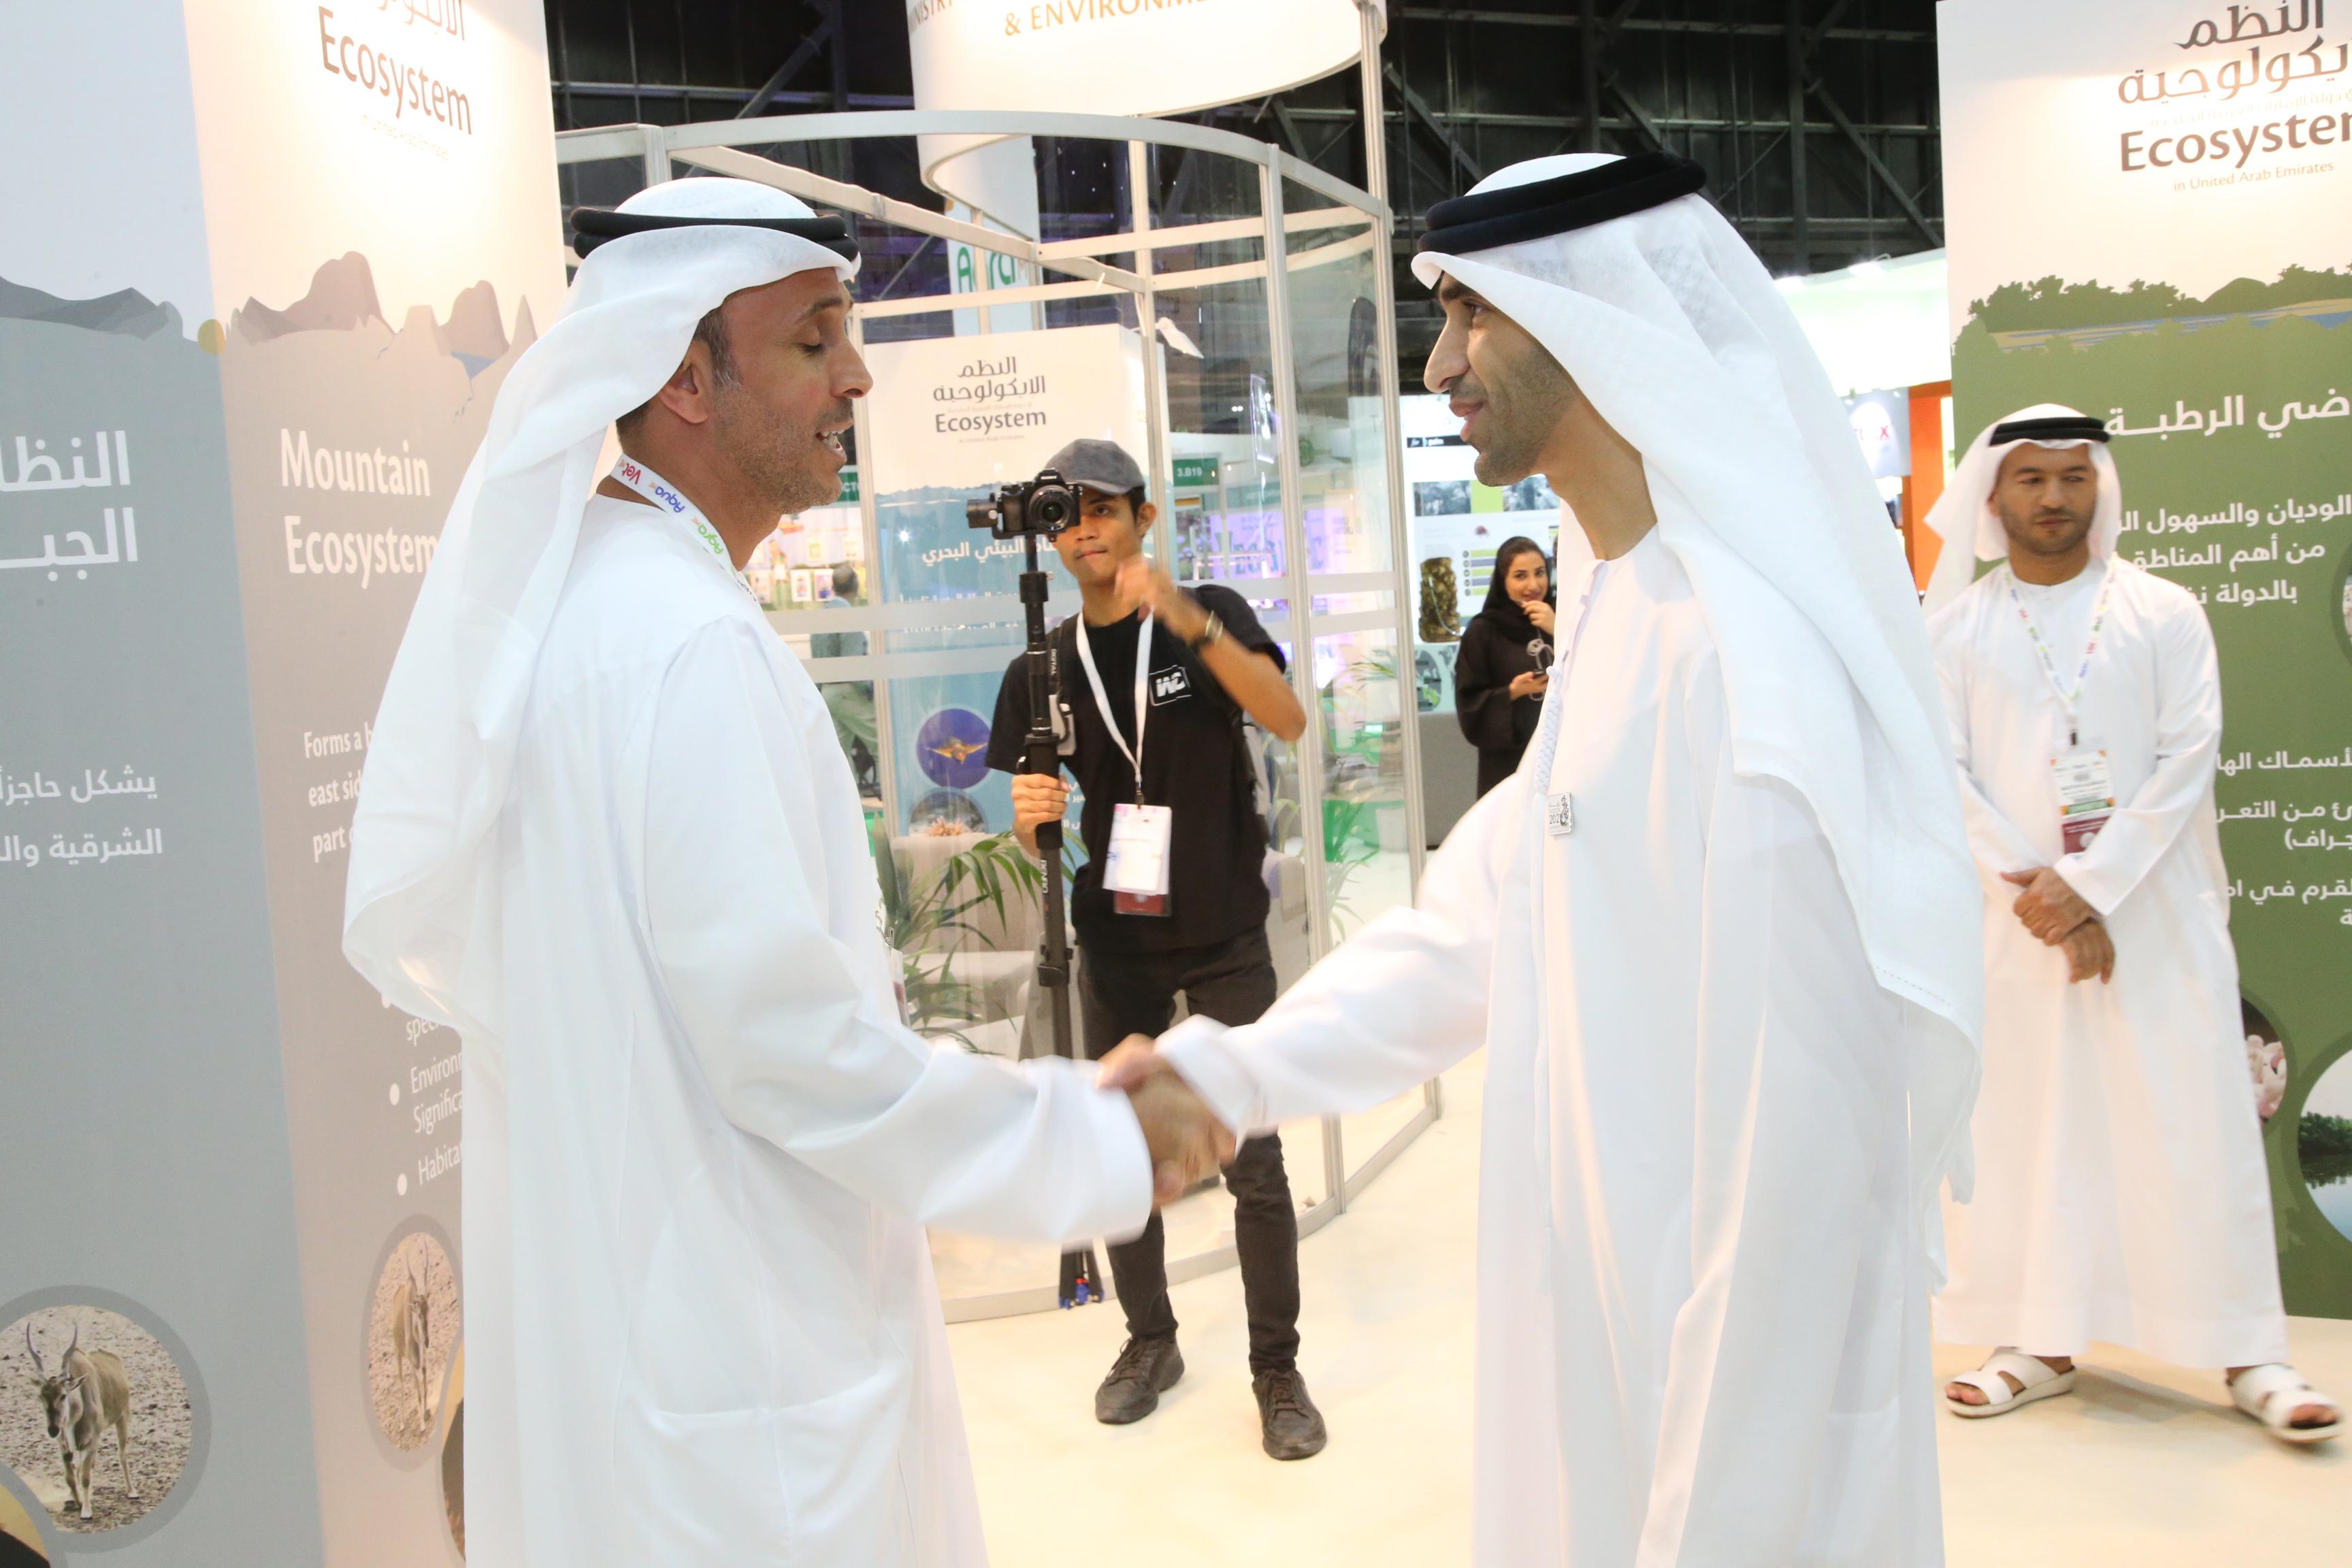 لقاء معالي وزير التغير المناخي والبيئة مع رئيس تحرير مجلة مزارع خلال إفتتاح المعرض